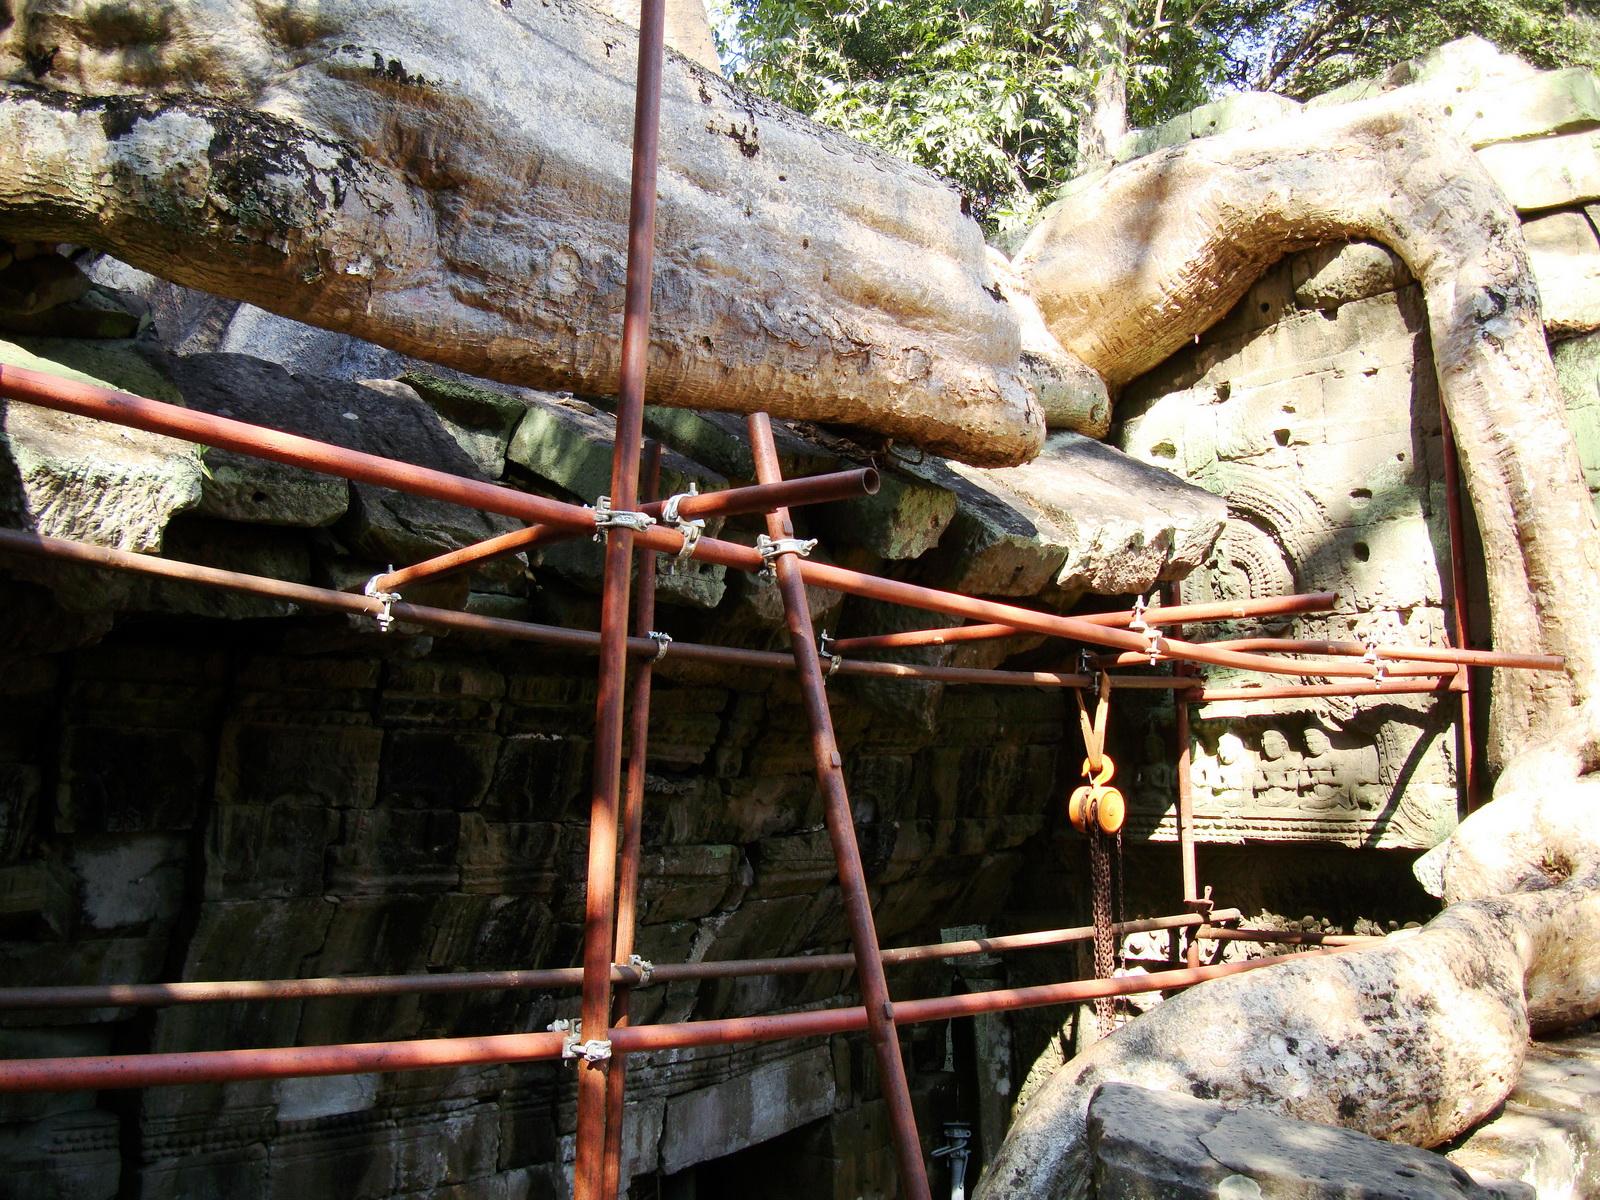 Ta Prohm Tomb Raider Bayon architecture central sanctuary area 17